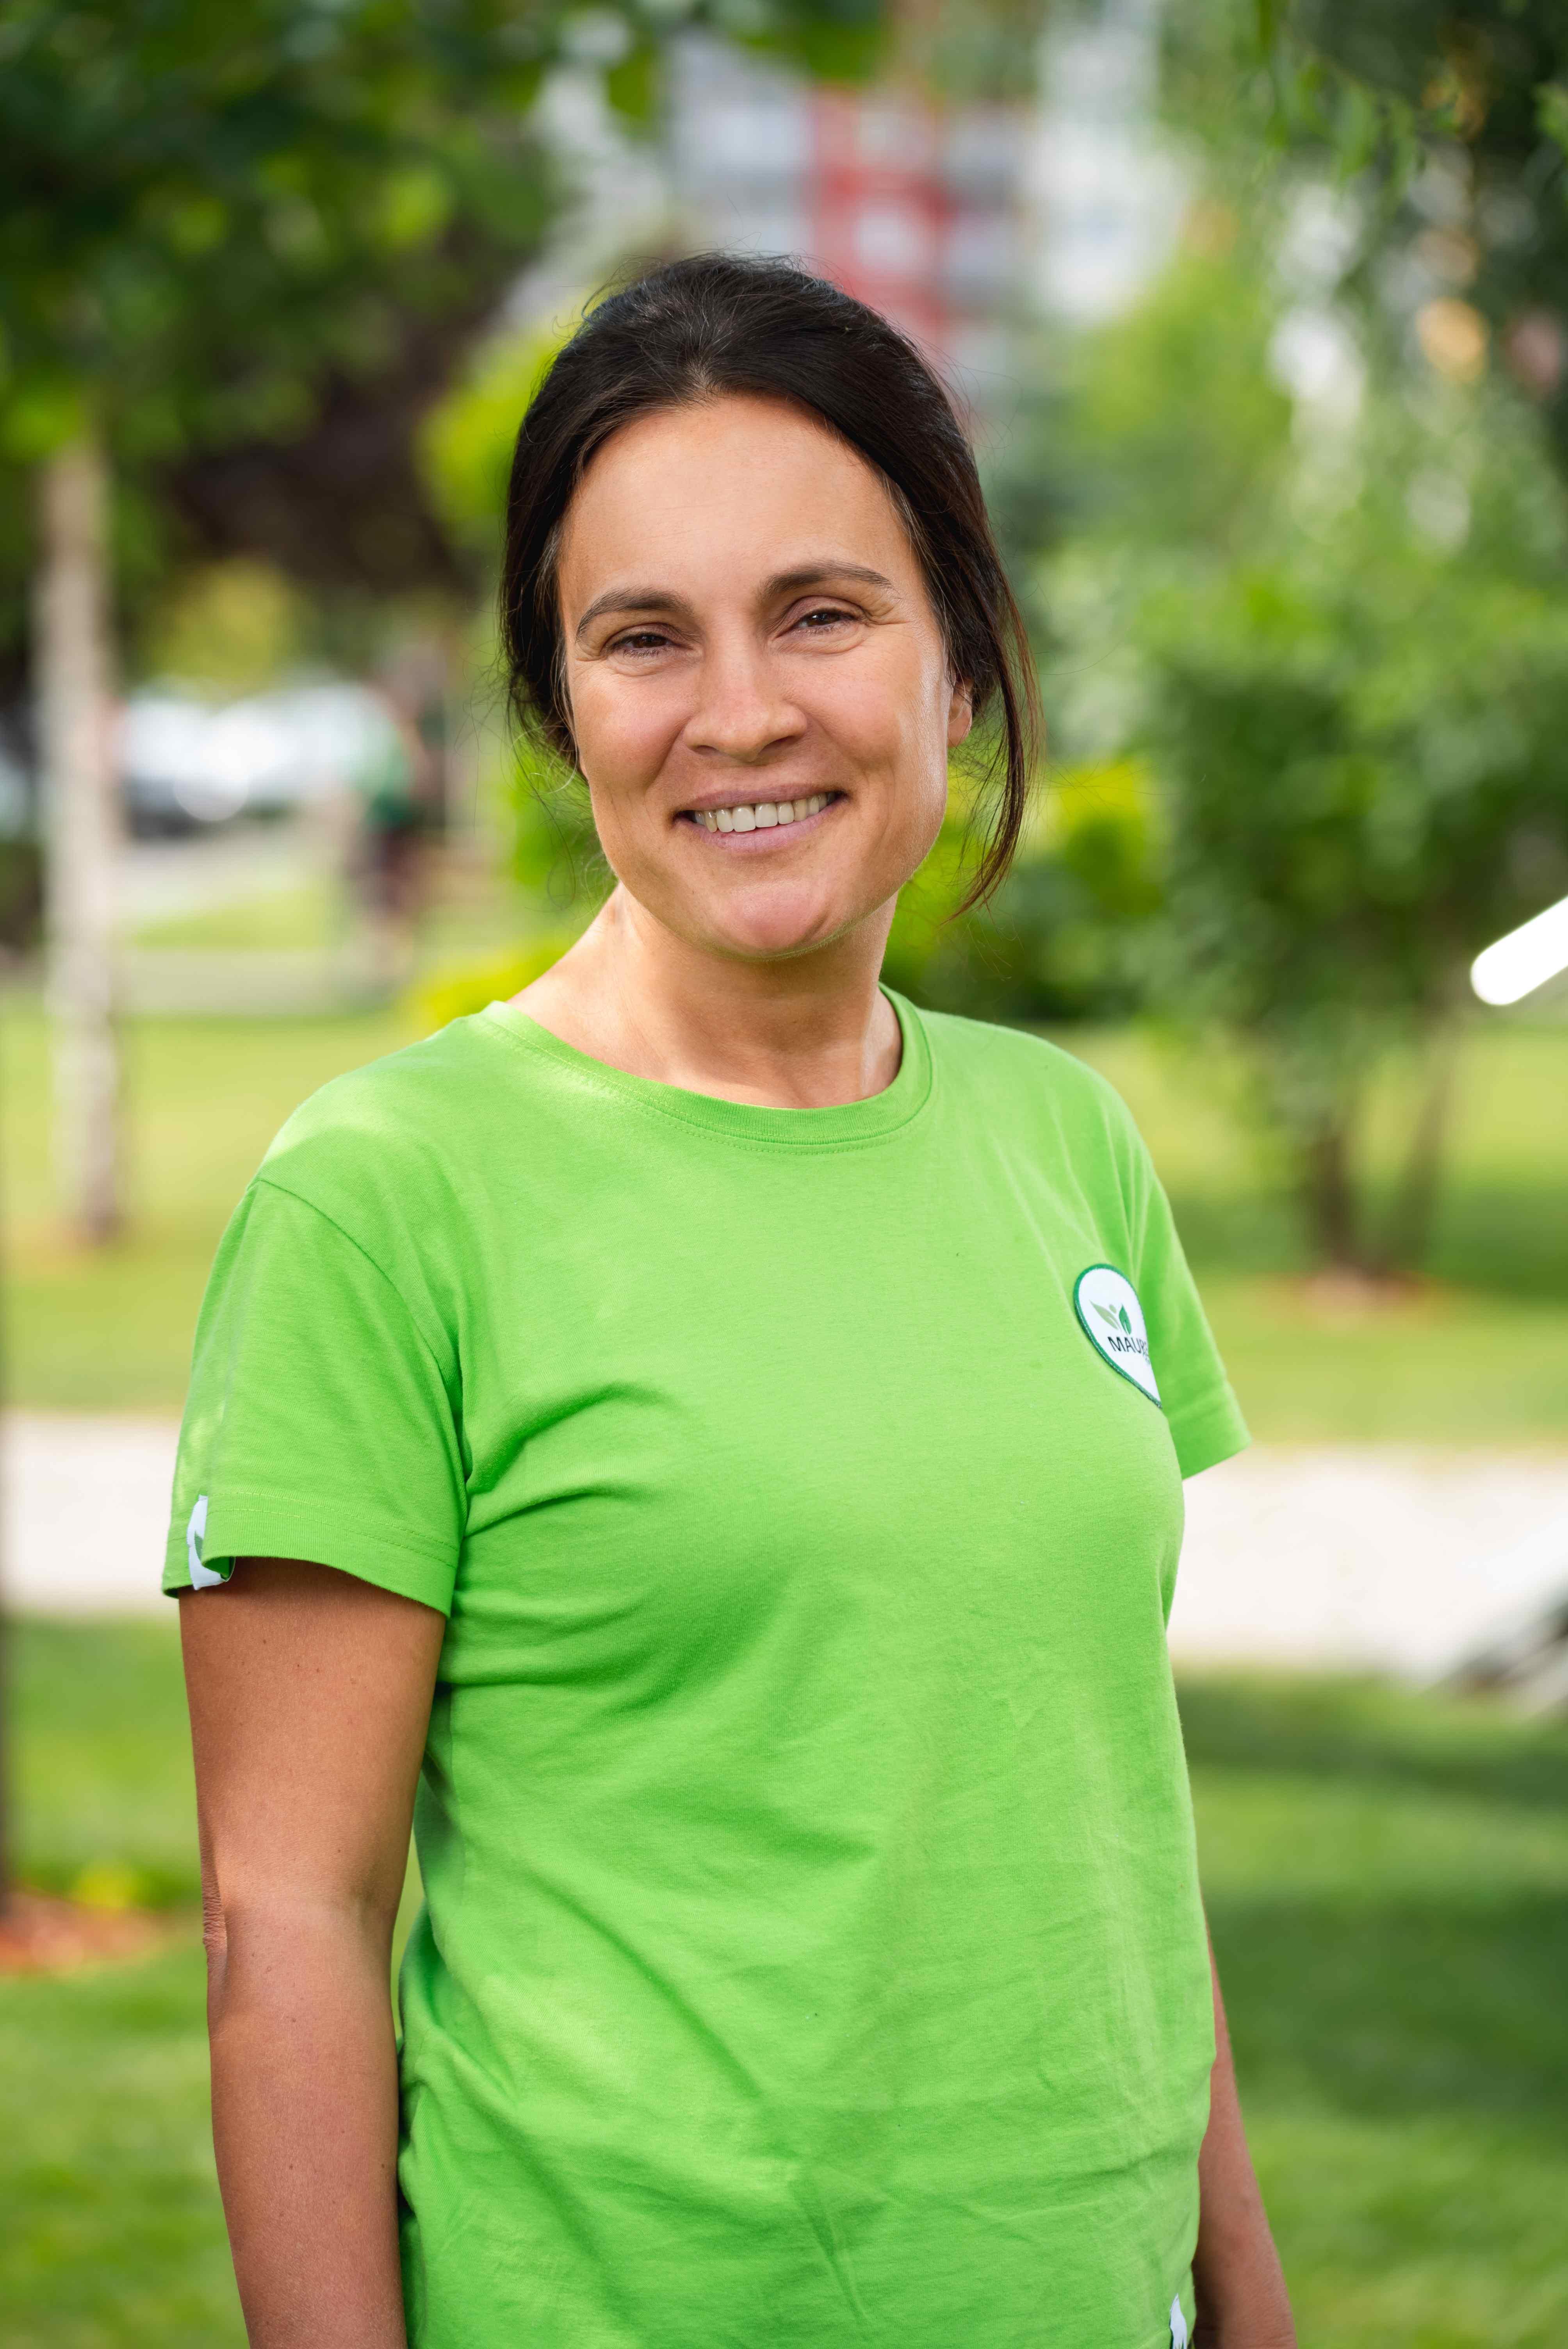 Mariana Szanto